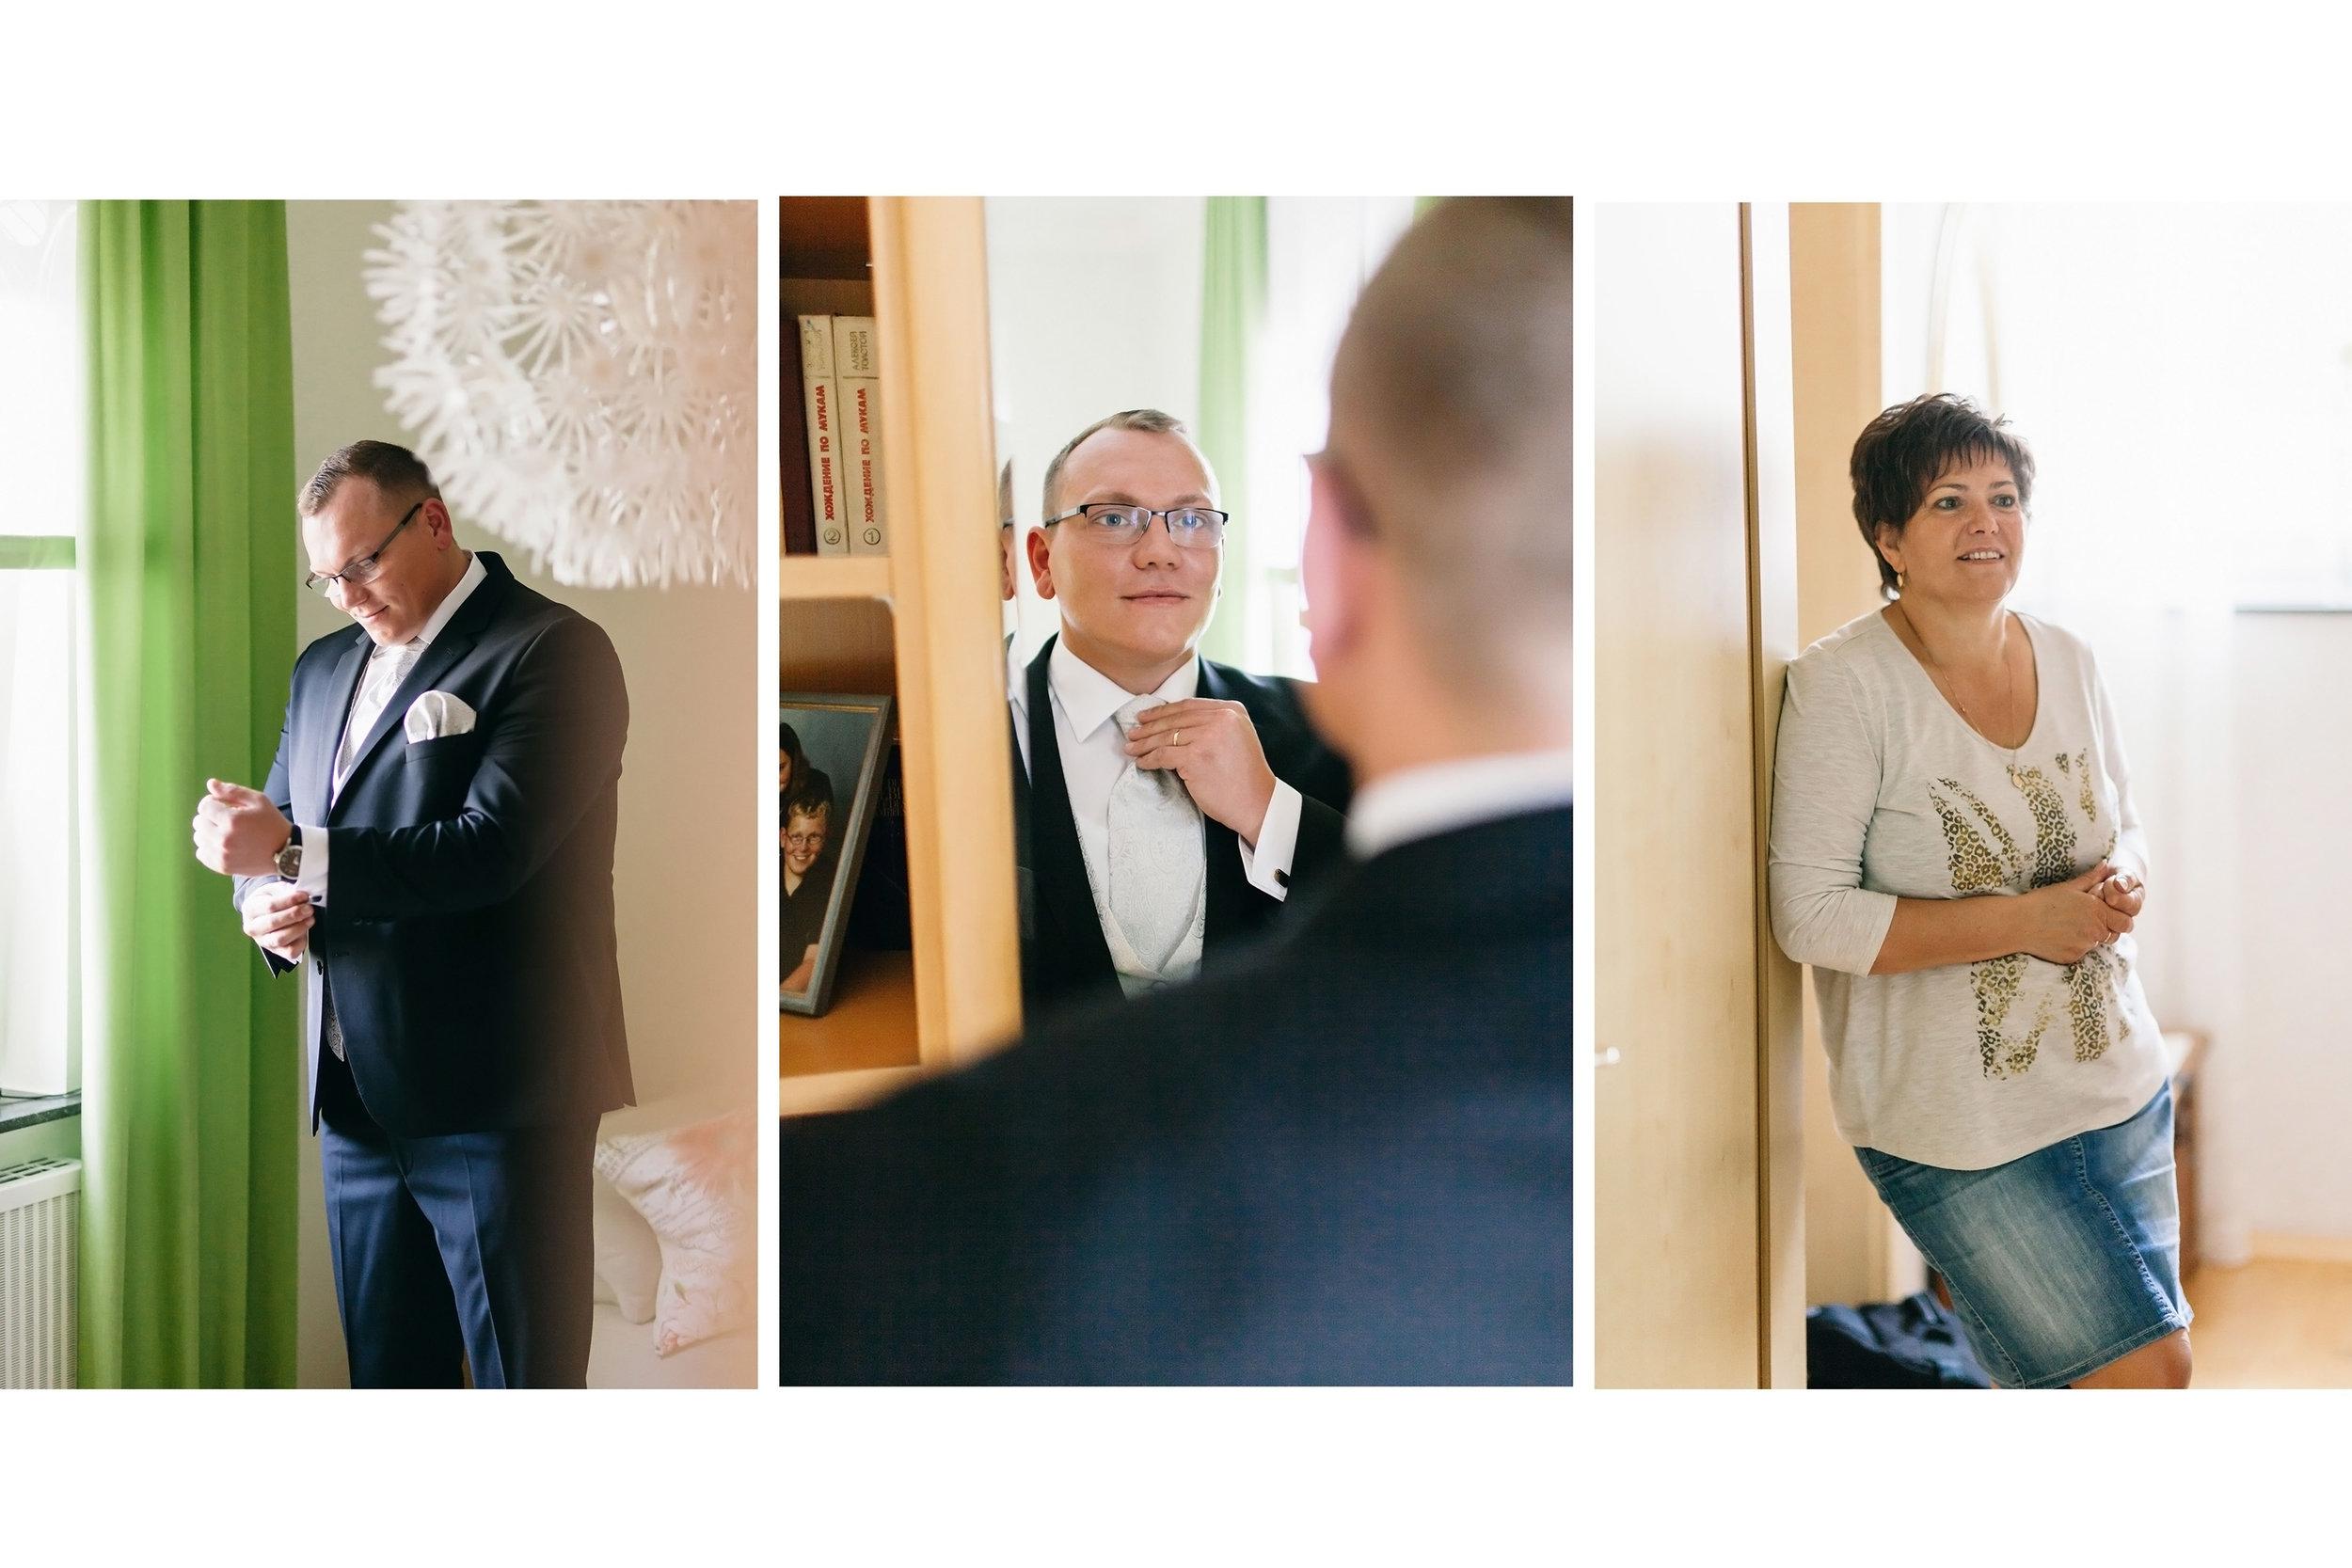 Hochzeit-021b.jpg